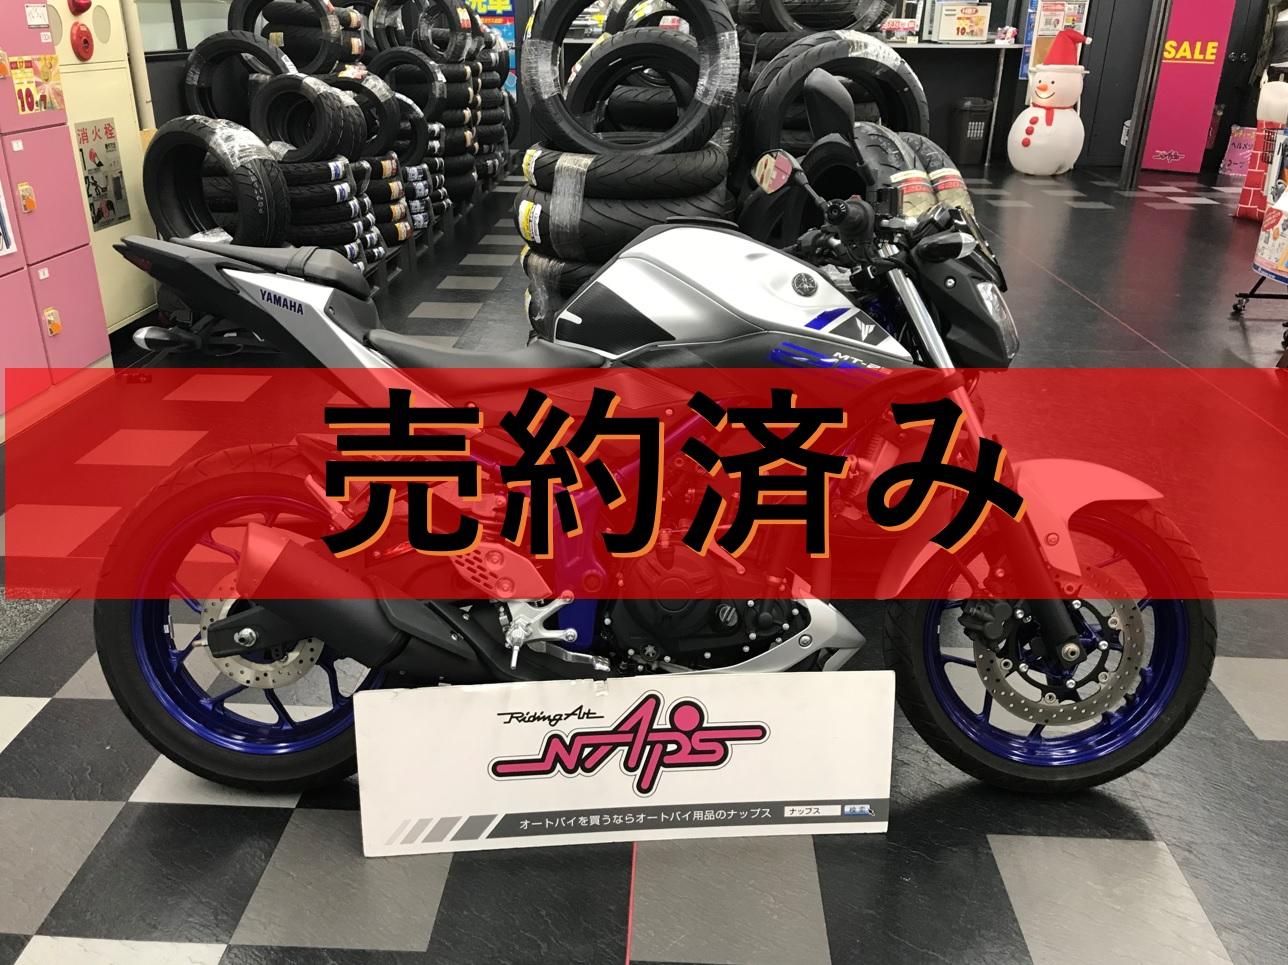 YAMAHA 【販売車両】MT-25 フェンダーレス/社外リアフェンダー/ETC付き